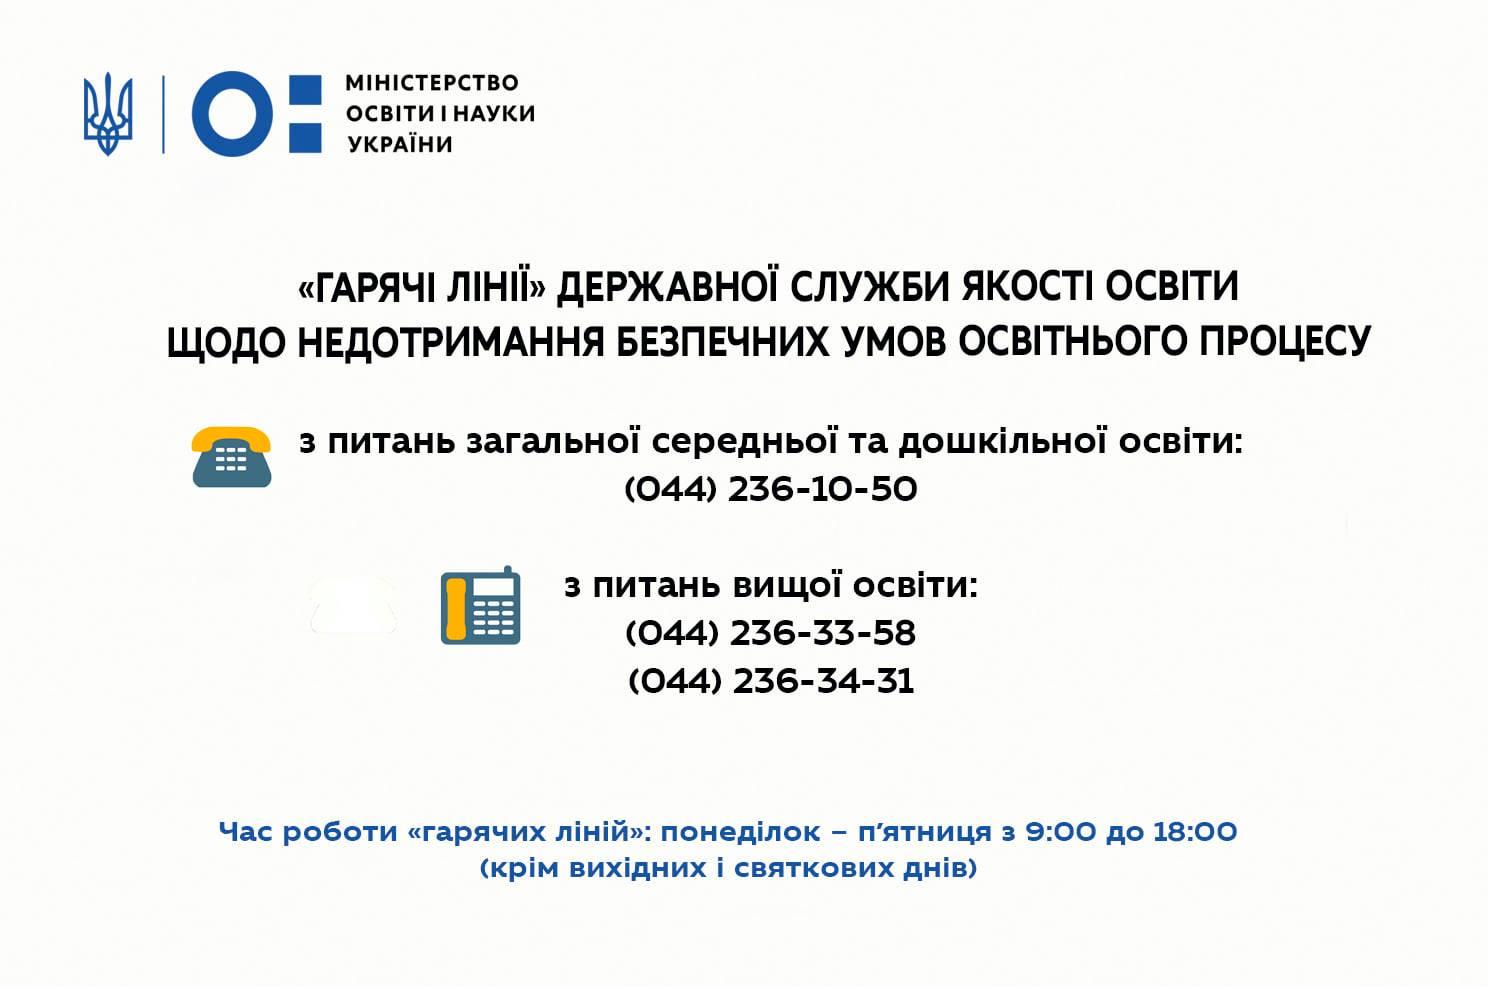 Опубліковано «гарячі» контакти Державної служби якості освіти - Освіта, МОН України, гаряча лінія - MON